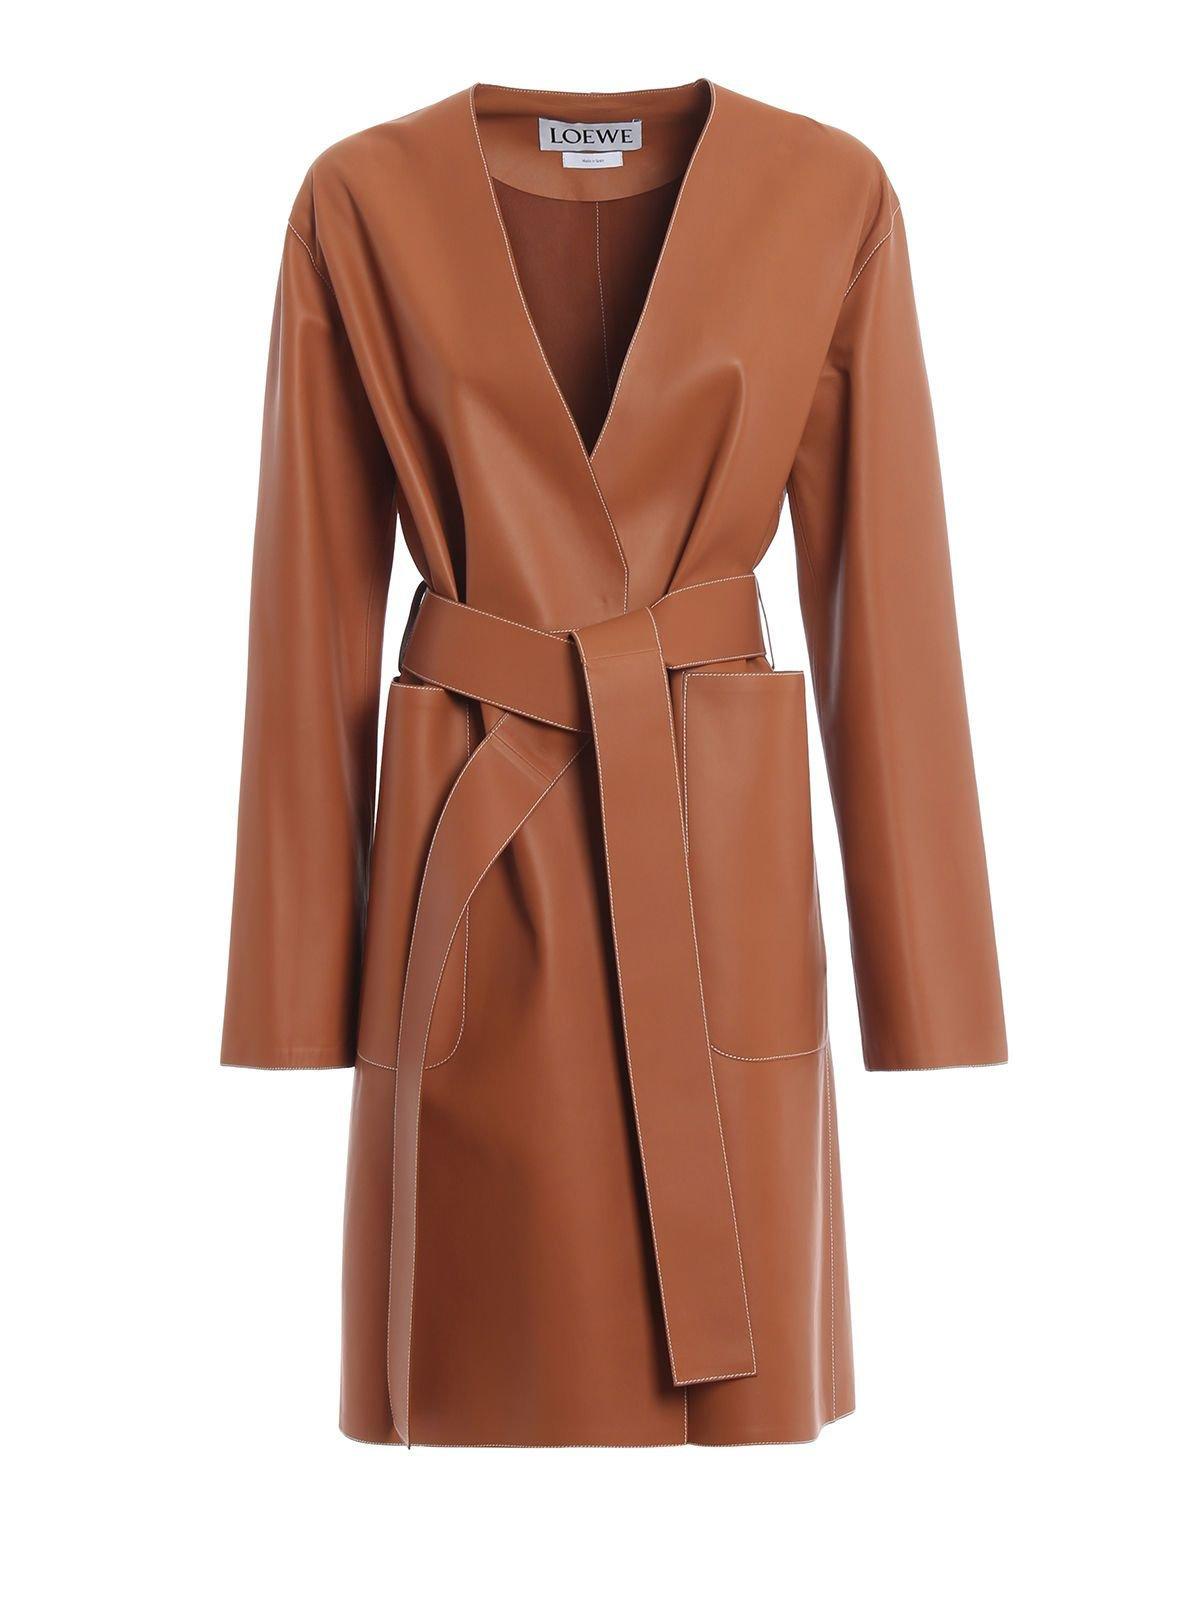 Loewe Loewe Stitched Coat